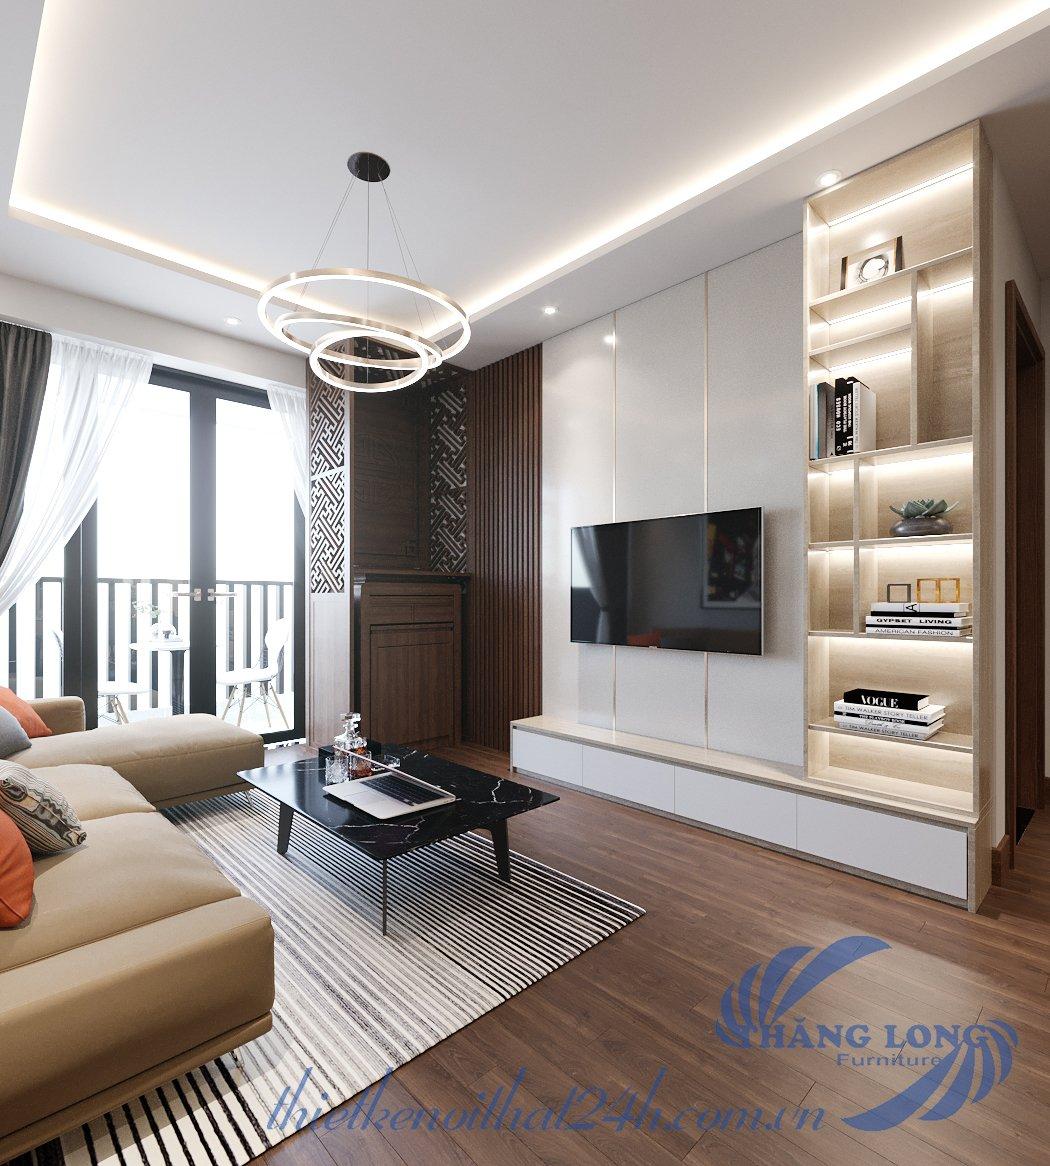 Thiết kế nội thất gỗ sồi chung cư An Bình - 97 Trần Bình